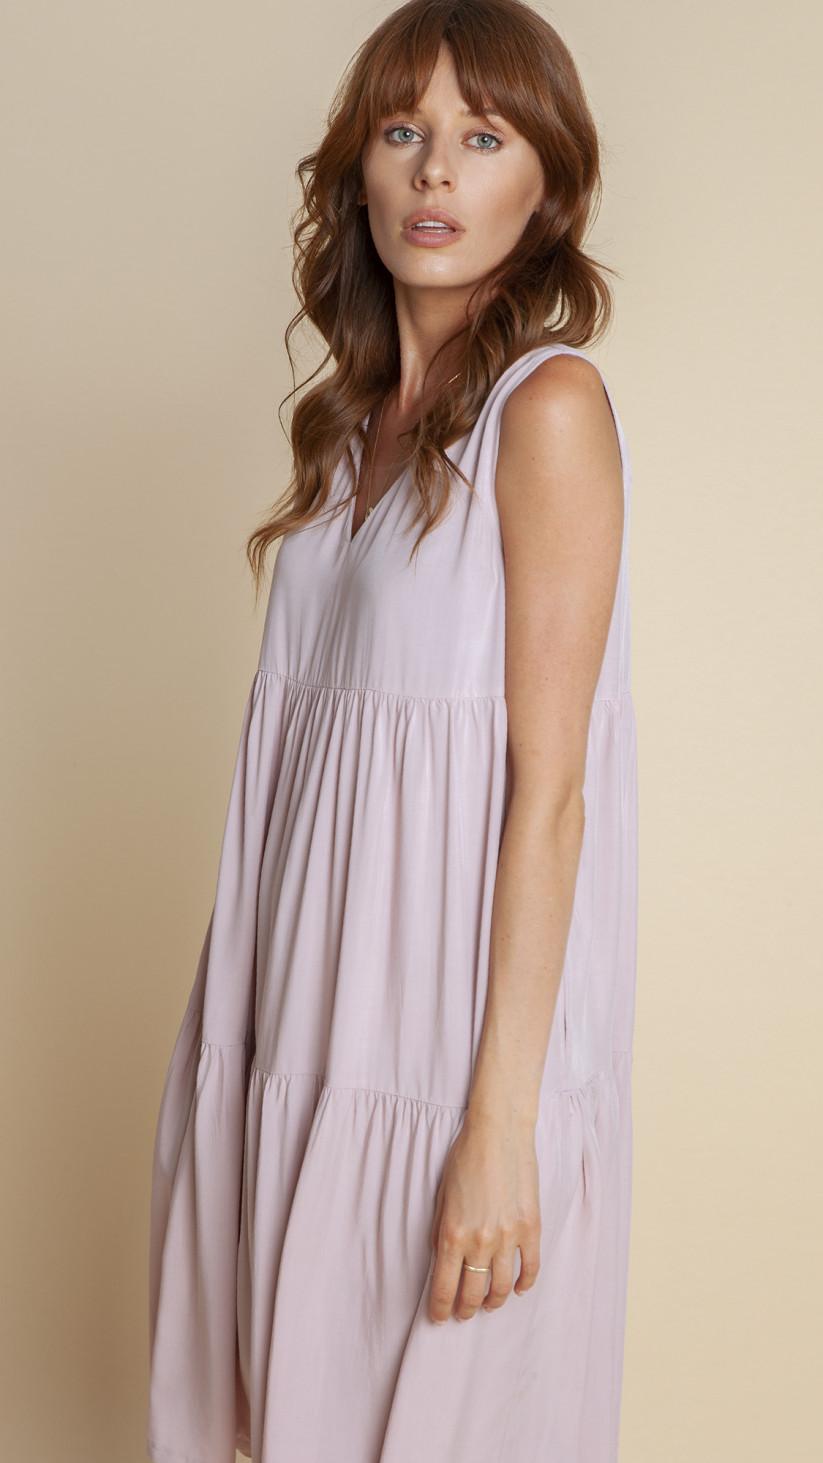 Sukienka Celine | Pudrowy Róż | Sukienka z falbankami na szerokich ramiączkach